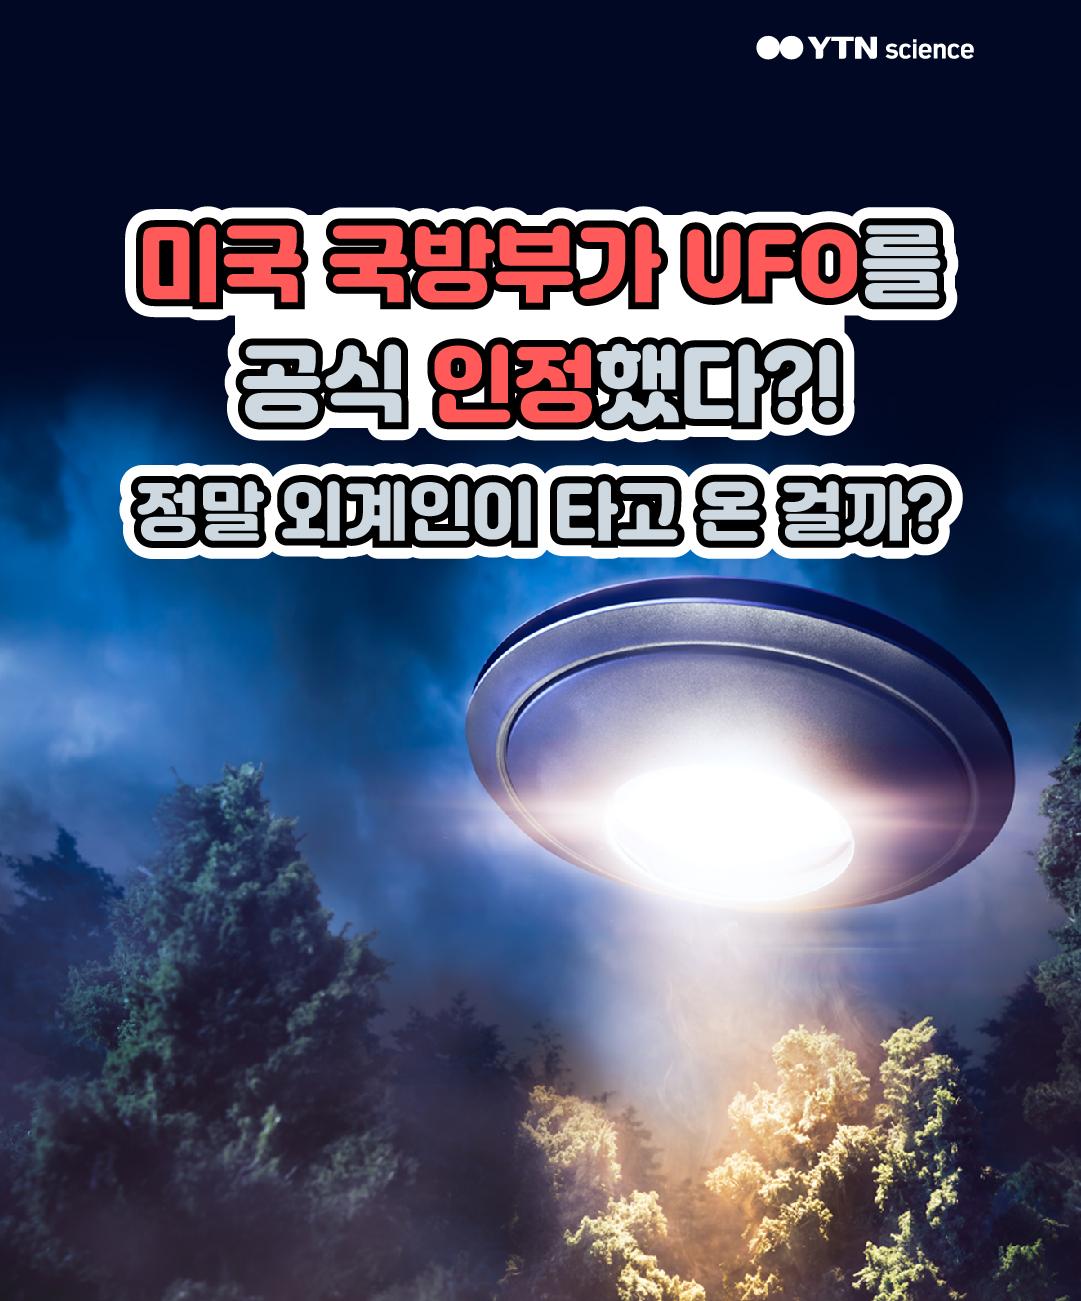 미국 국방부가 UFO를 공식 인정했다?! 정말 외계인이 타고 온걸까? 이미지